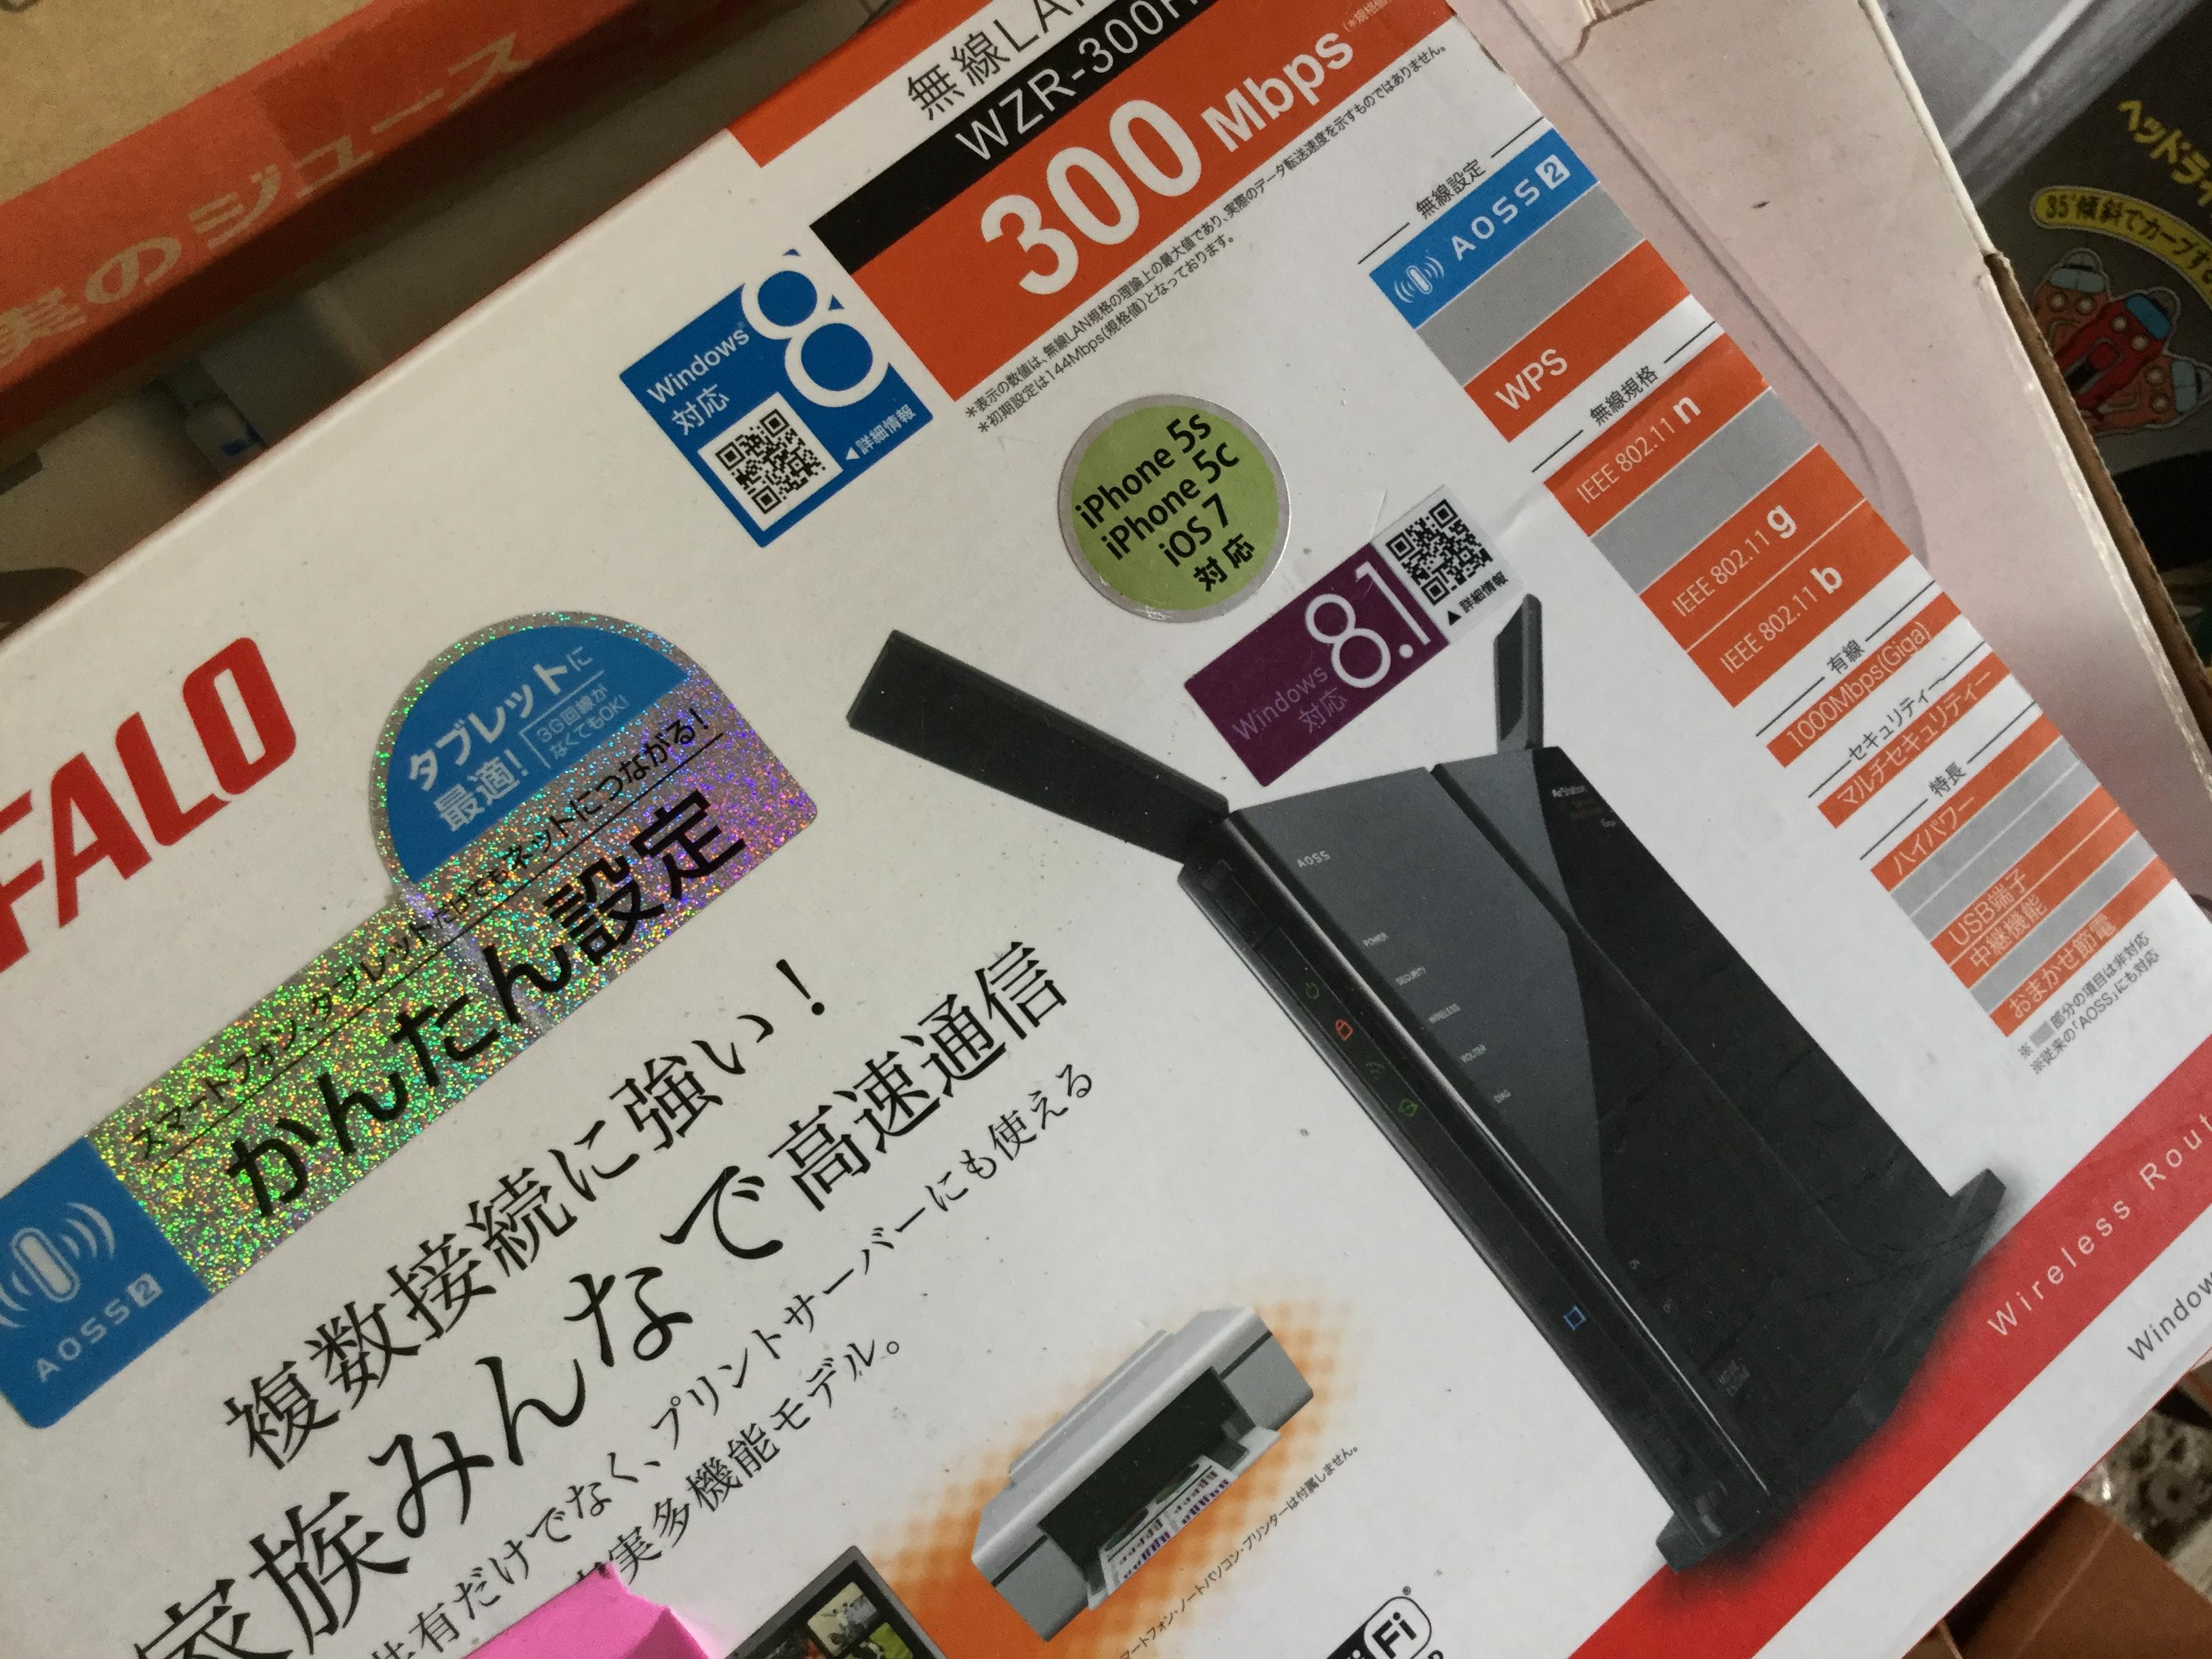 無線LANです。